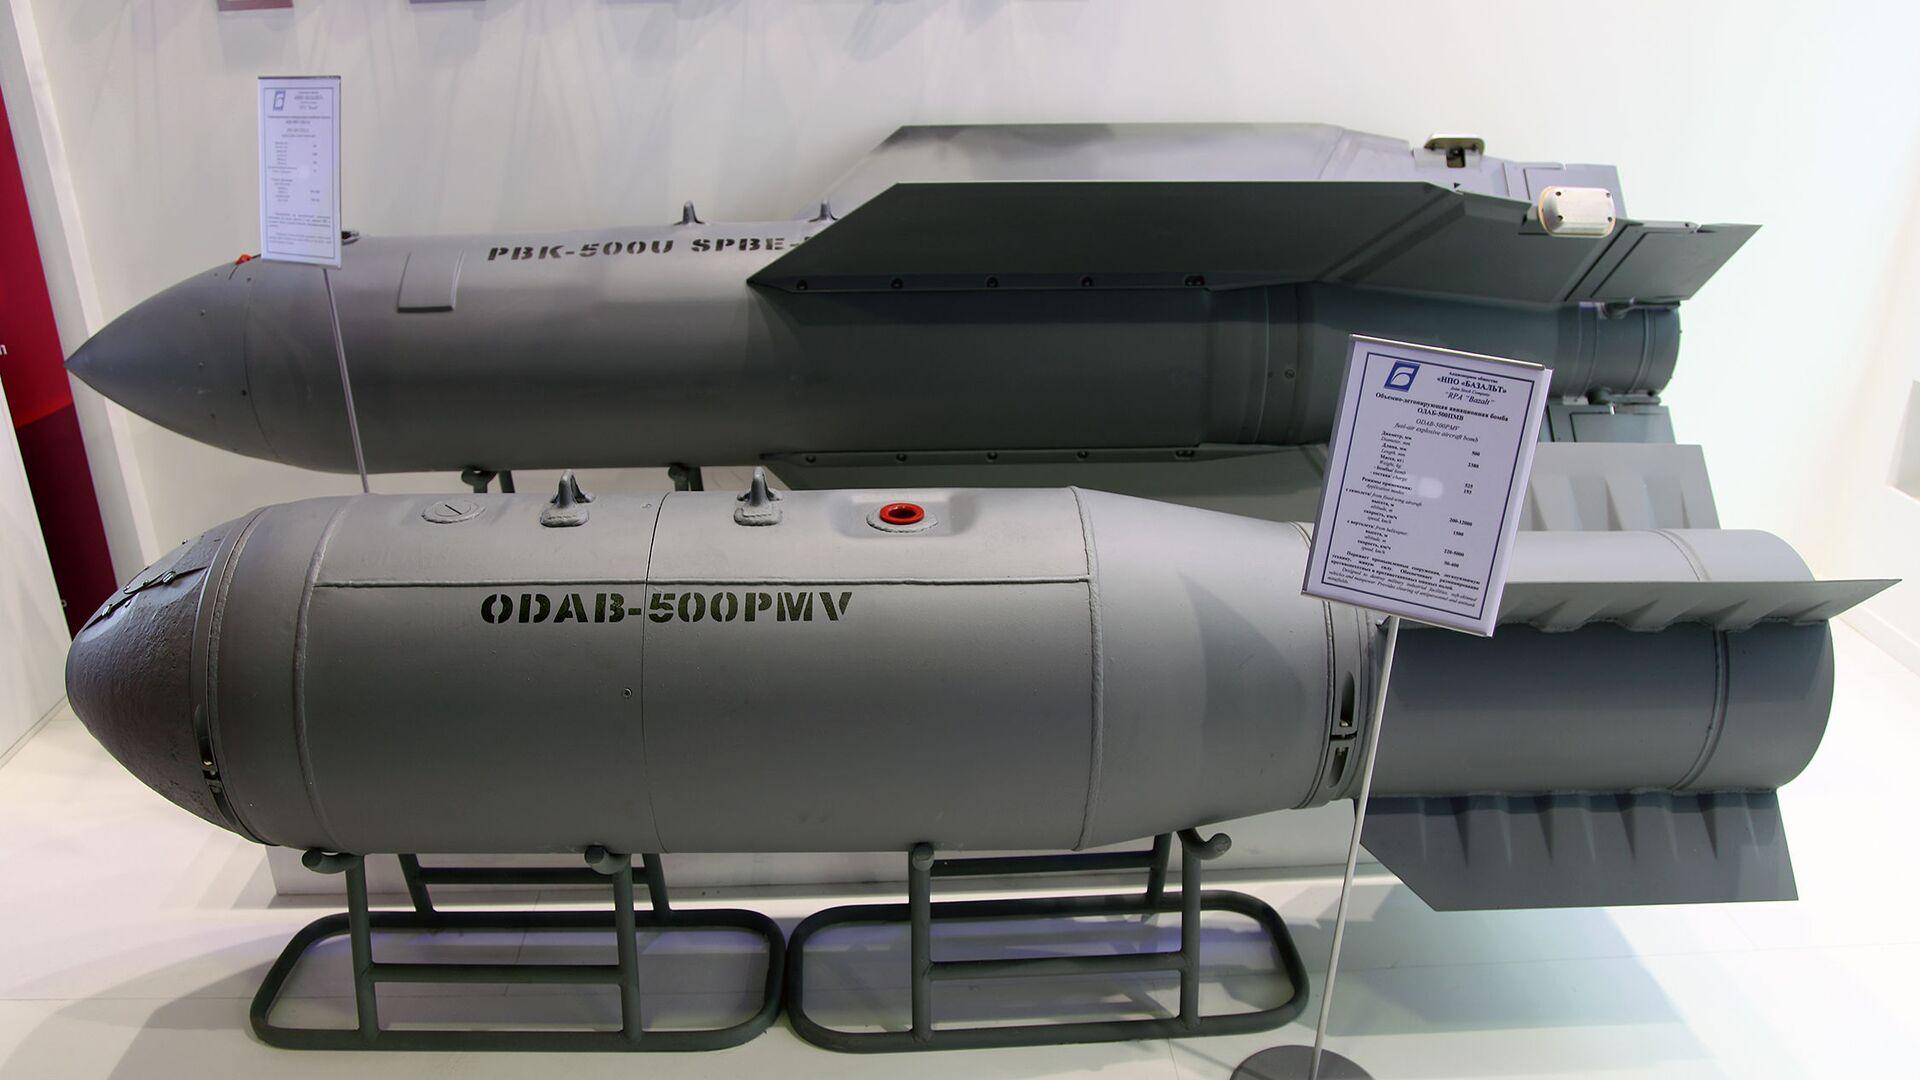 Бомбы PBK-500U и ODAB-500 PMV на Международном авиационно-космическом салоне МАКС-2015 в Жуковском - Sputnik Italia, 1920, 08.06.2021